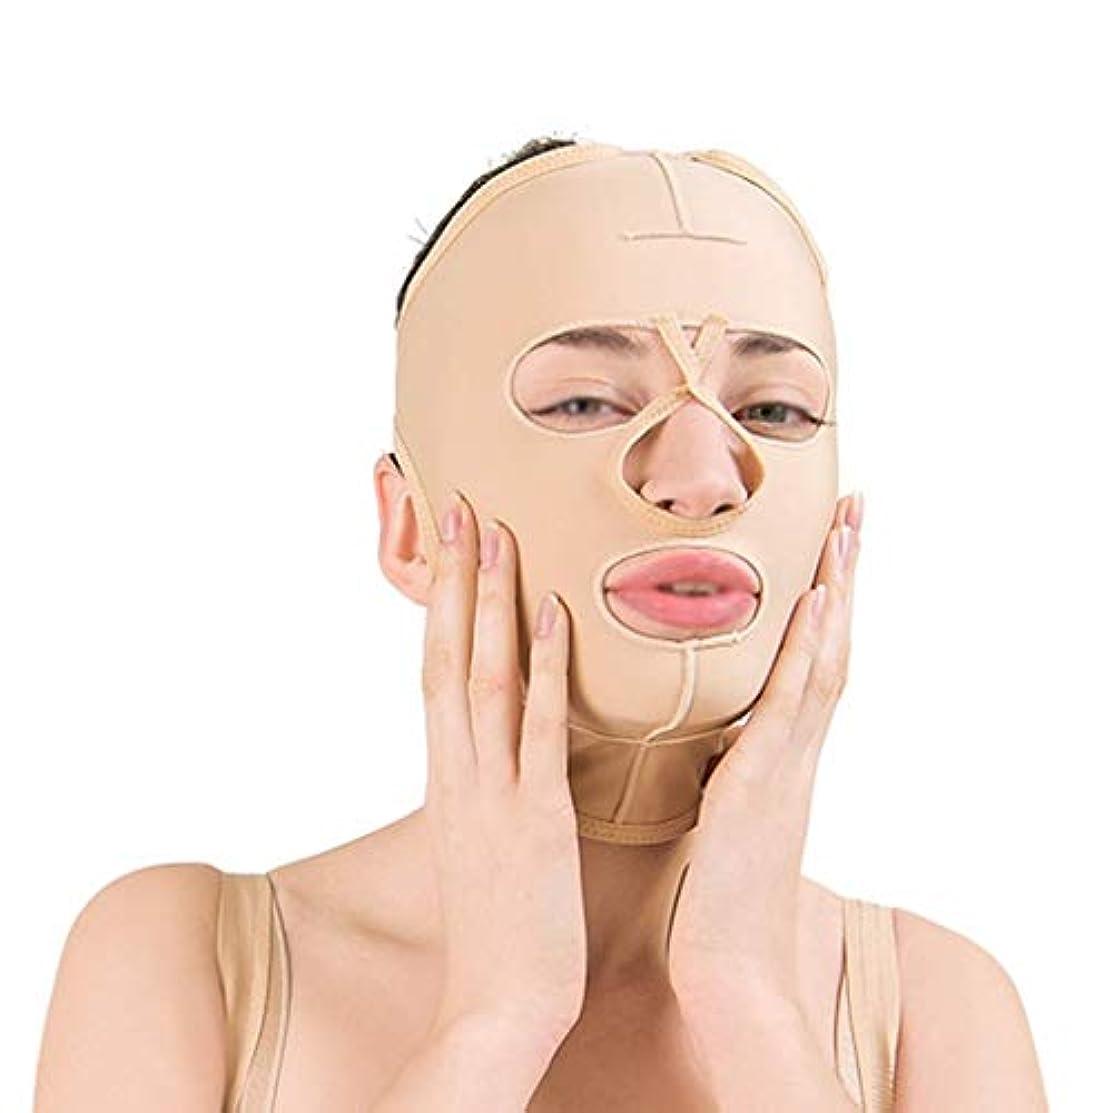 水っぽいピーク大きさフェイススリミングマスク、フェイスバンデージ付きフェイシャル減量マスク、通気性フェイスリフト、引き締め、フェイスリフティング(サイズ:L),XL